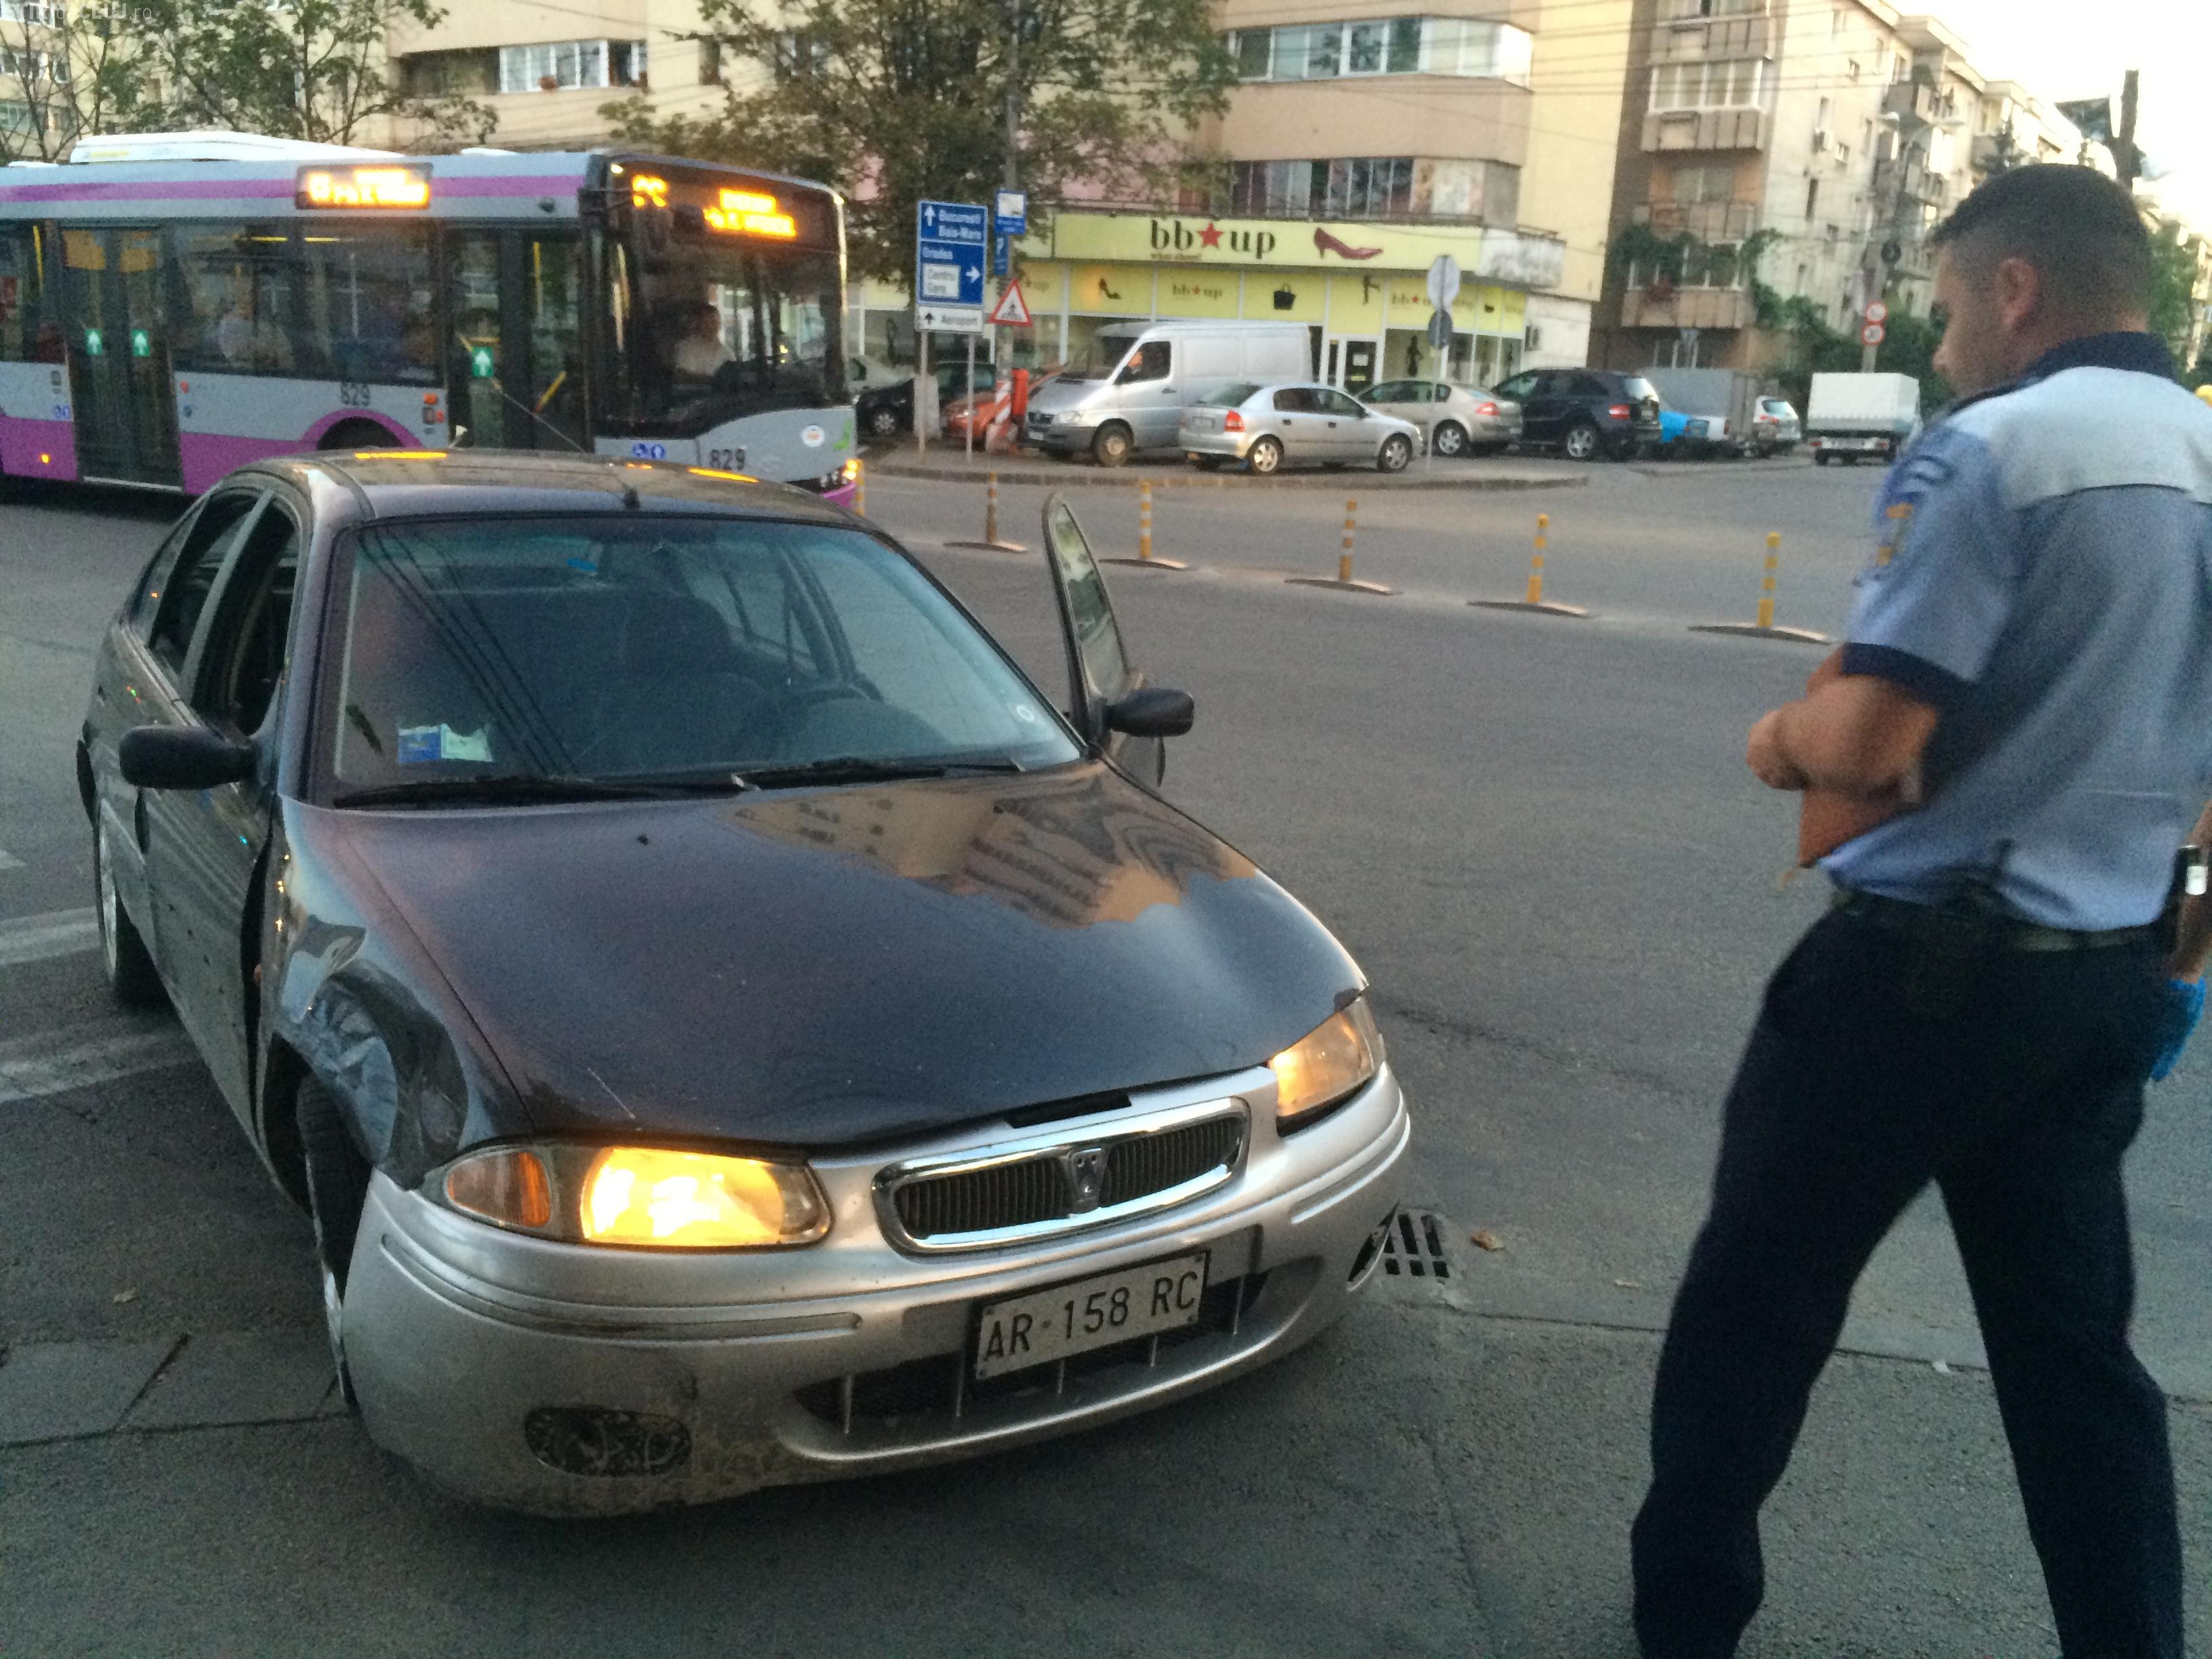 Au fugit de poliție prin tot Clujul cu mult tupeu. Cum s-a oprit cursa și cine sunt ȘMECHERII - FOTO